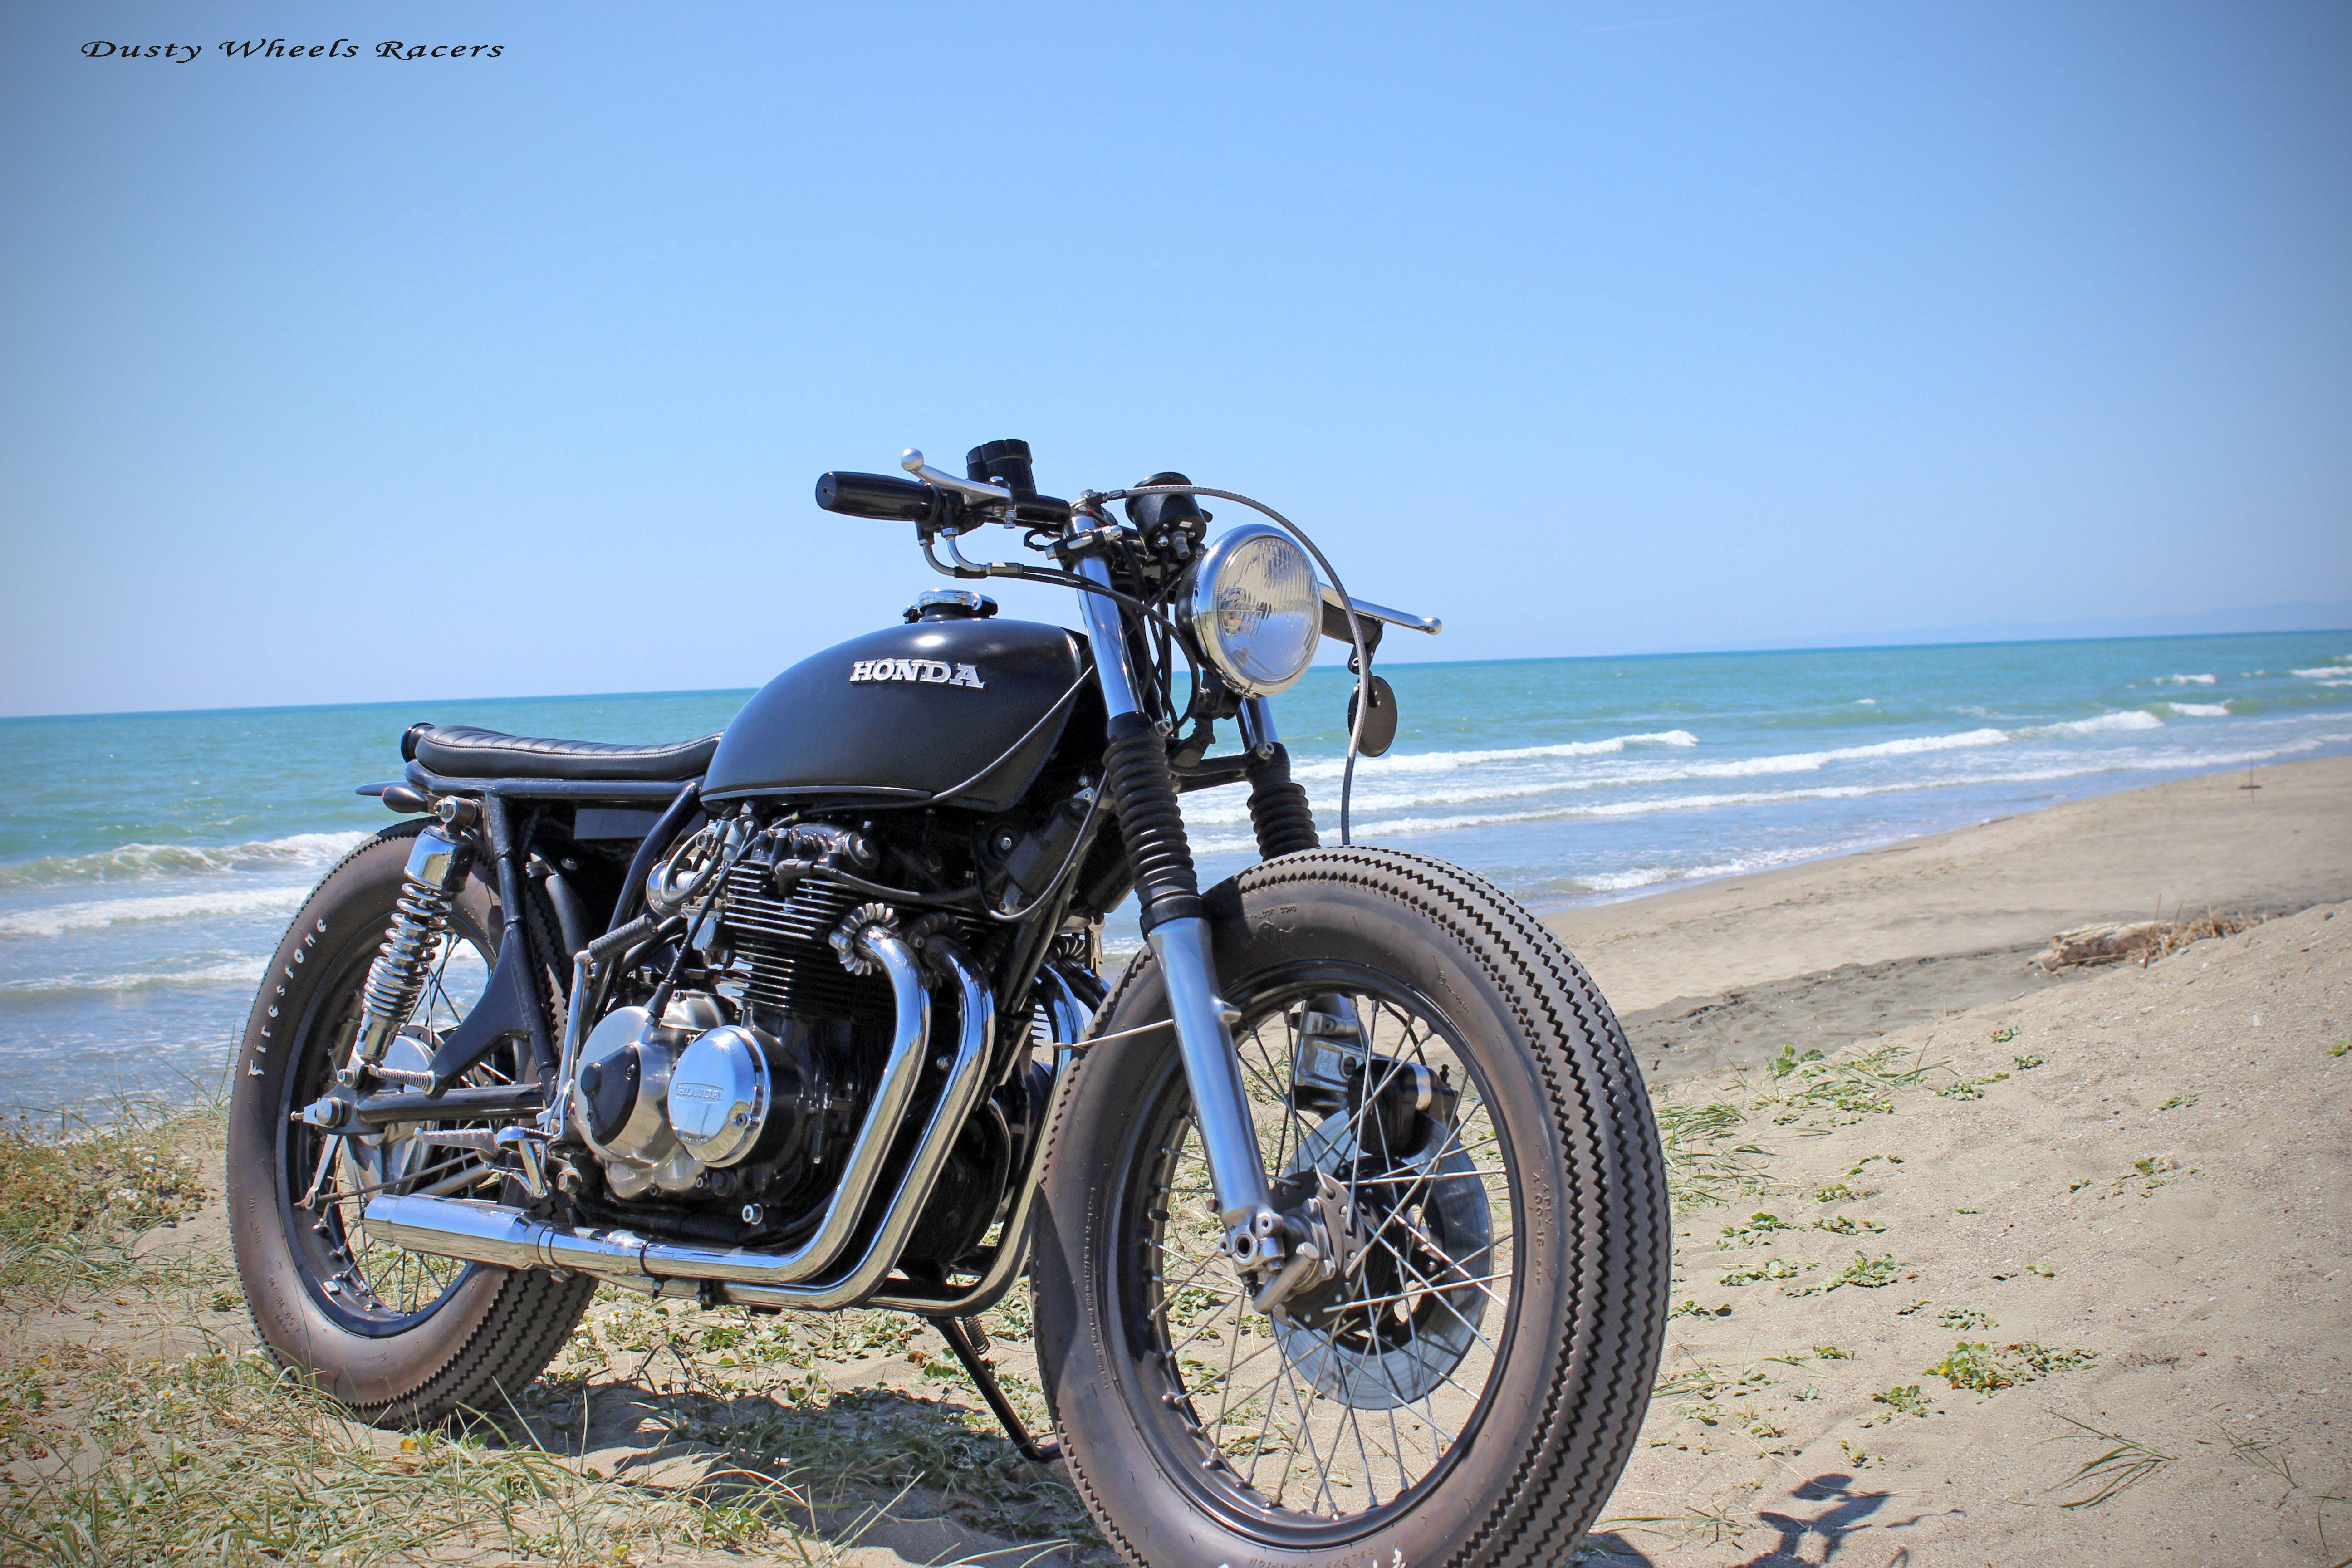 honda cb400 bratstylezf motorcycles italy - latina #caferacer